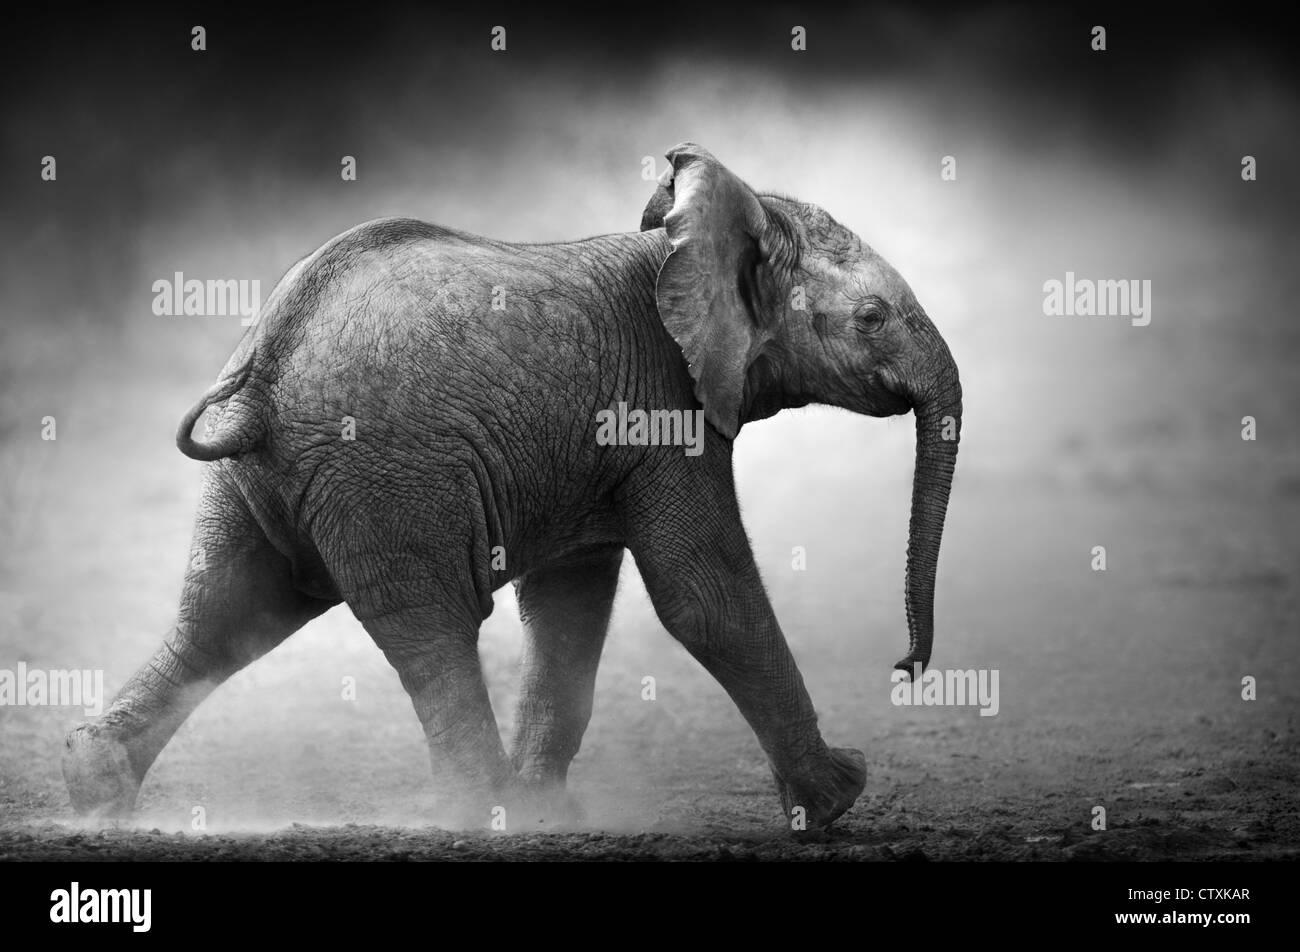 Bebé Elefante corriendo en polvo (procesamiento artístico) Parque Nacional Etosha - Namibia Foto de stock